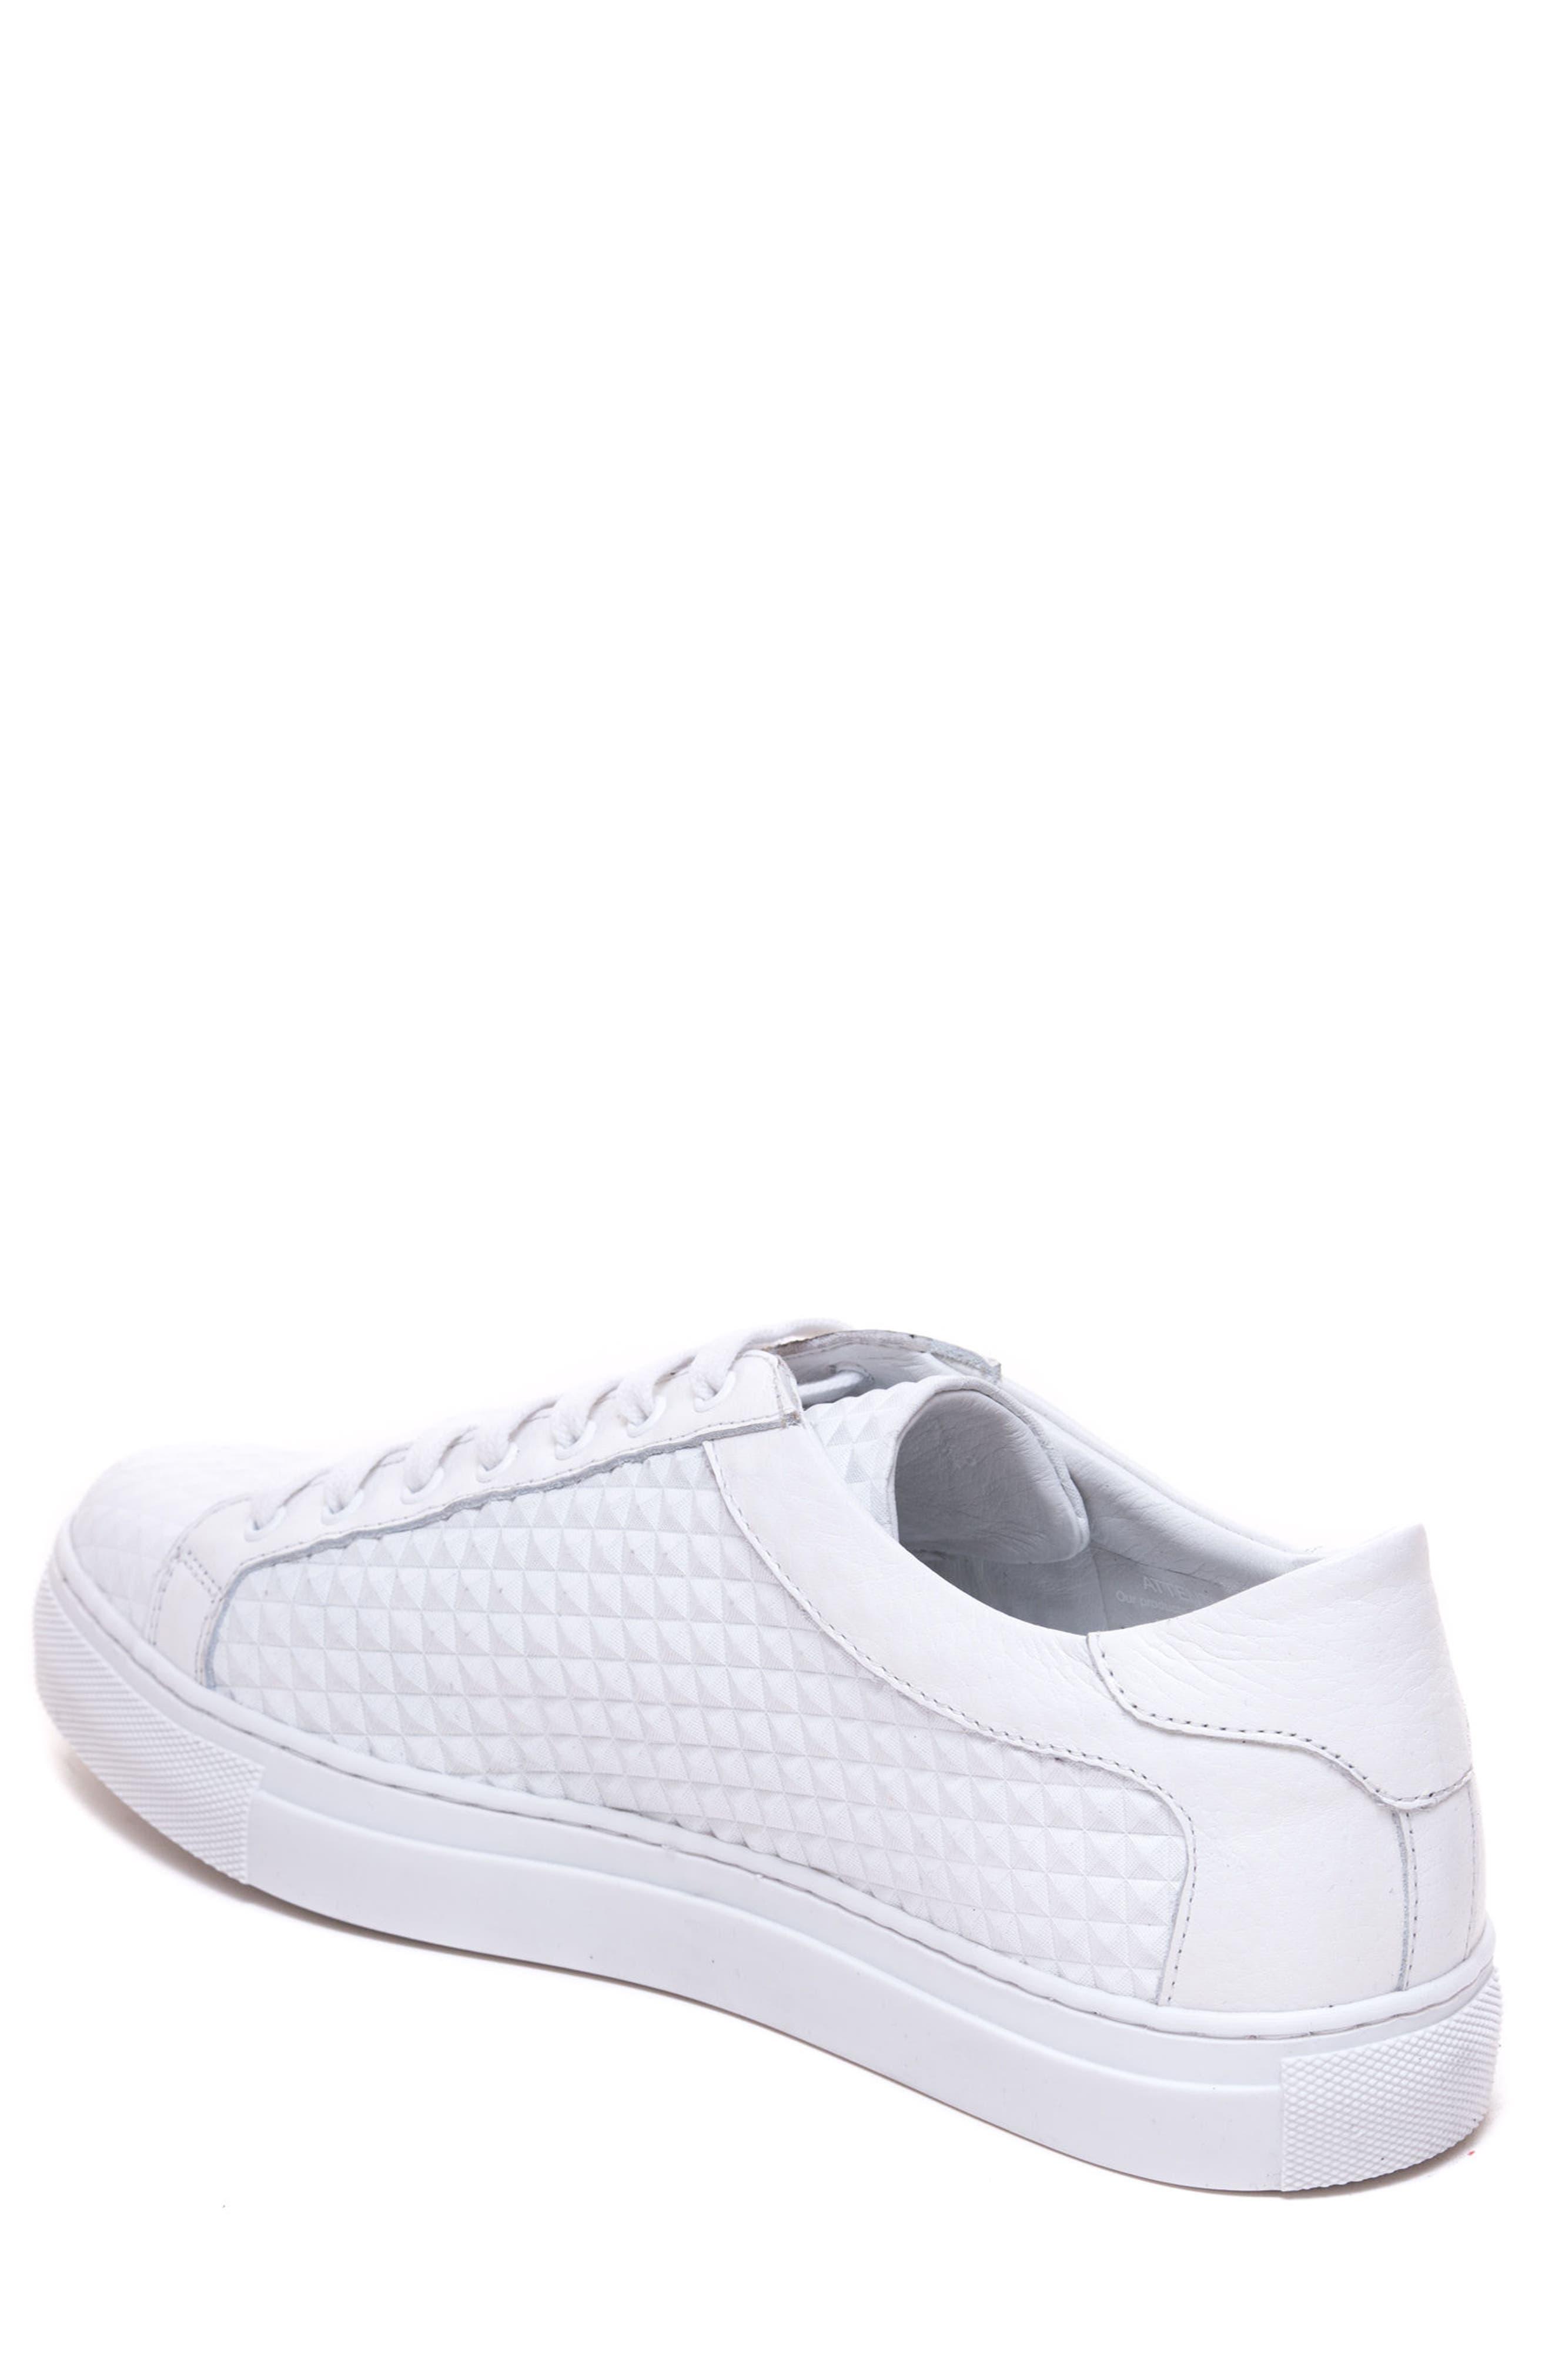 Scott Leather Sneaker,                             Alternate thumbnail 2, color,                             White